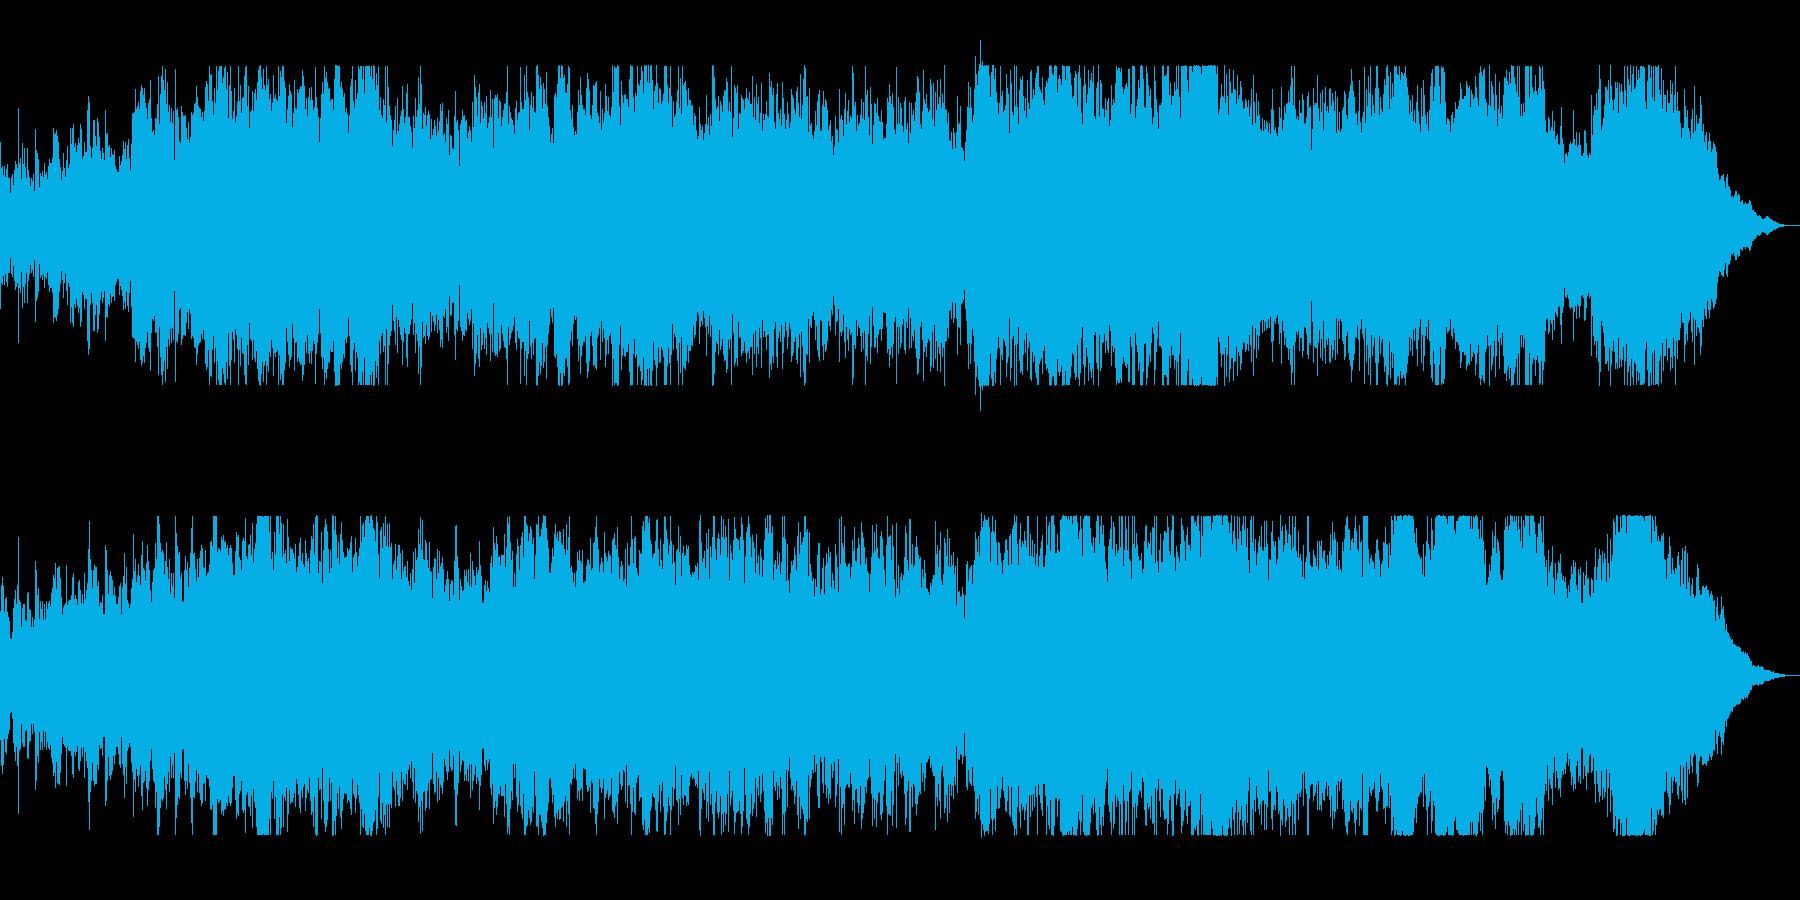 壮大オーケストラのサウンドトラックの再生済みの波形